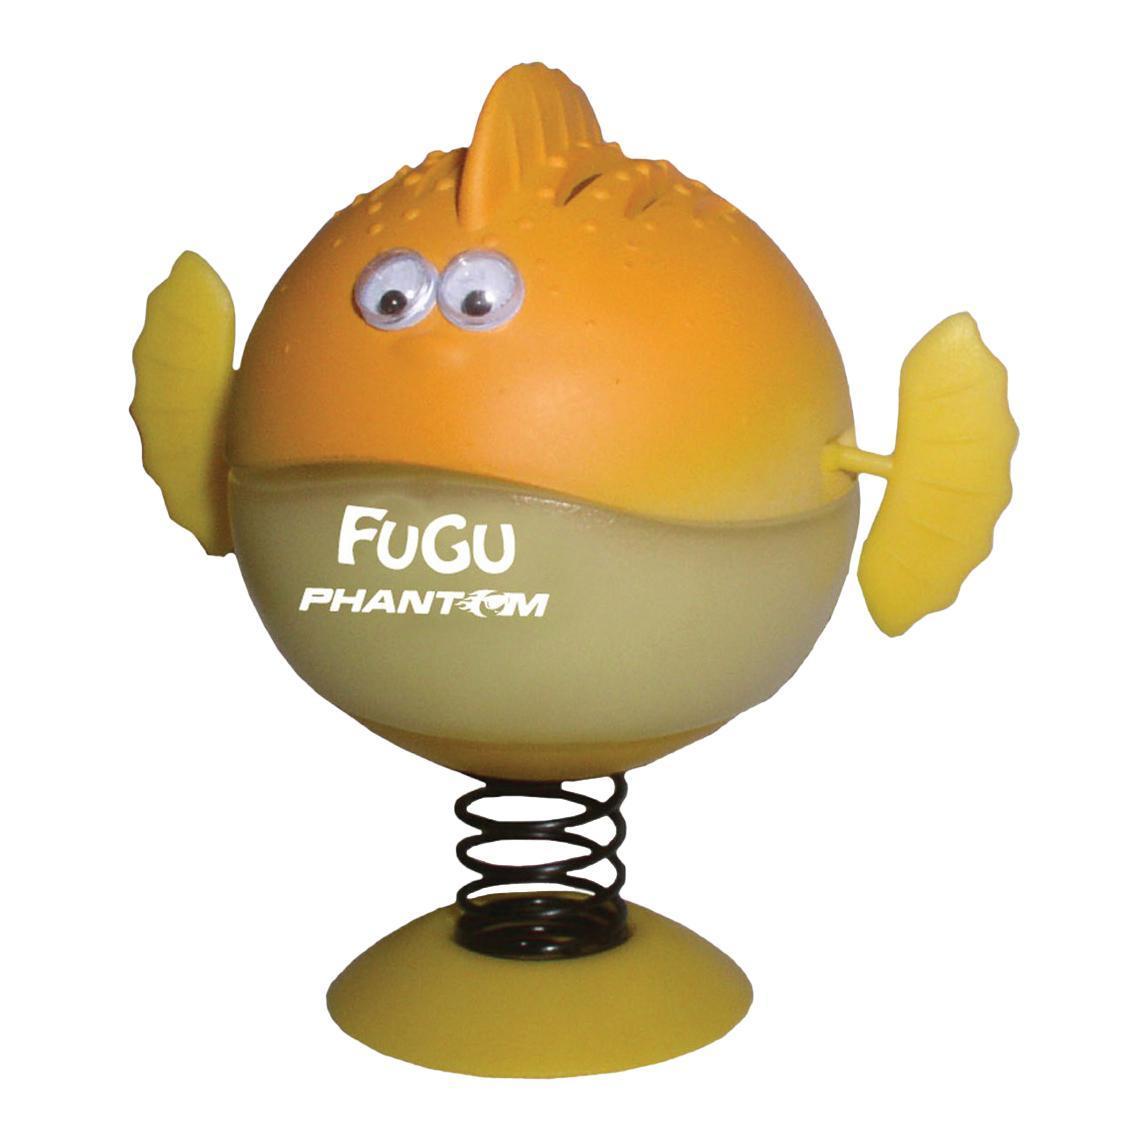 Ароматизатор Fugu ЛимонCA-3505Ароматизатор Fugu Лимон выполнен в виде рыбки. Благодаря своей уникальной конструкции (корпус ароматизатора закреплен на основании с помощью пружины), рыбка при движении покачивается из стороны в сторону. Носитель аромата - гелевый картридж - исключает возможность протекания! Обеспечивает длительный и стойкий аромат. Боковые покачивающиеся плавники создадут веселую атмосферу для Вашей поездки! Характеристики: Материал: искусственная кожа, отдушка, полипропилен. Диаметр рыбы: 5 см. Ароматизатор: гелевый картридж. Размер упаковки: 7,5 см х 6,5 см х 9 см. Производитель: США.